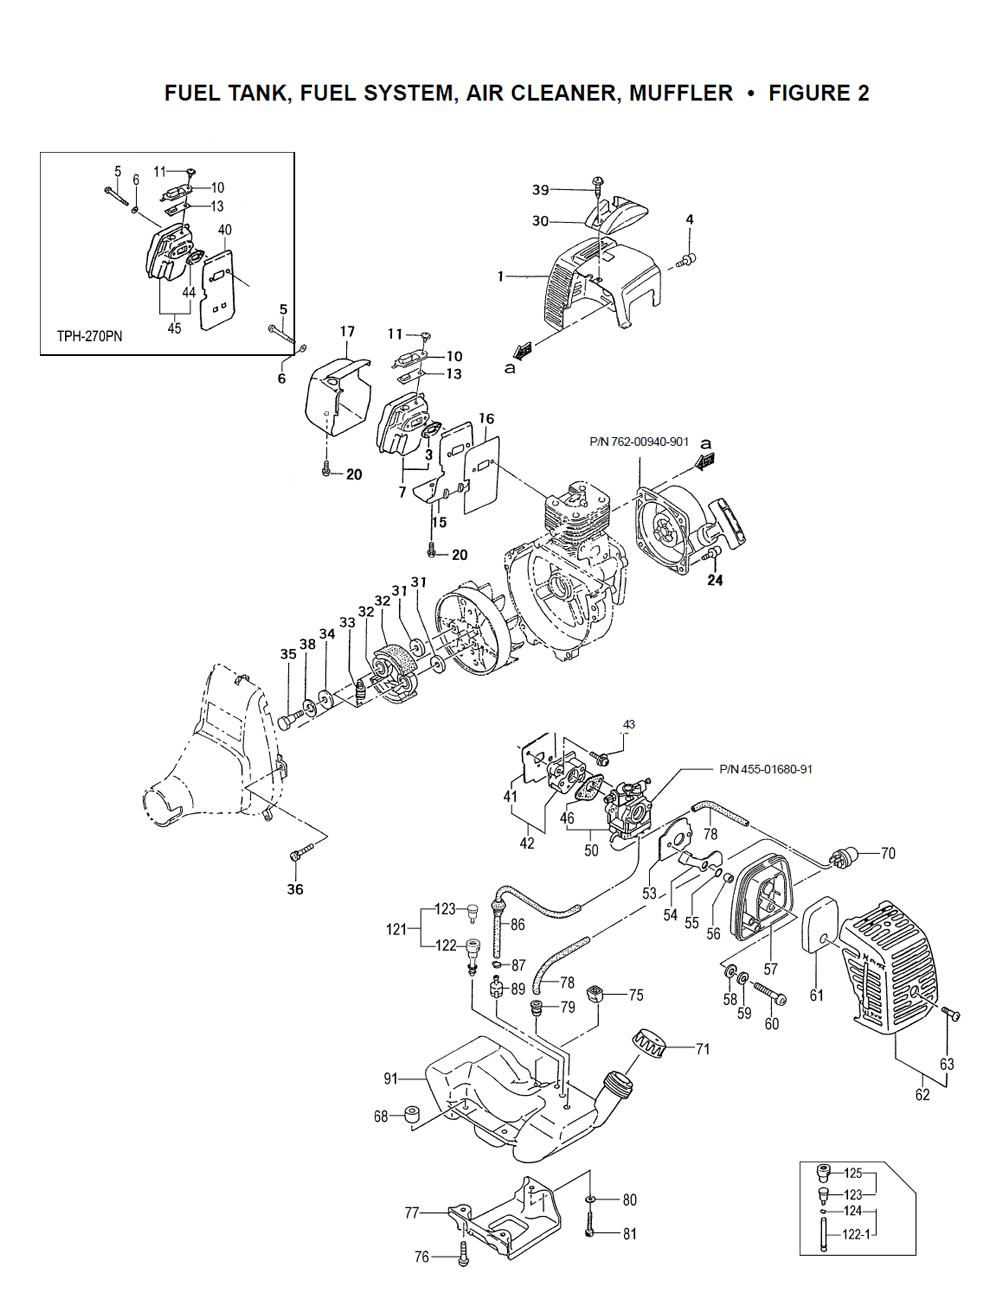 TPH-270PF-Tanaka-PB-1Break Down